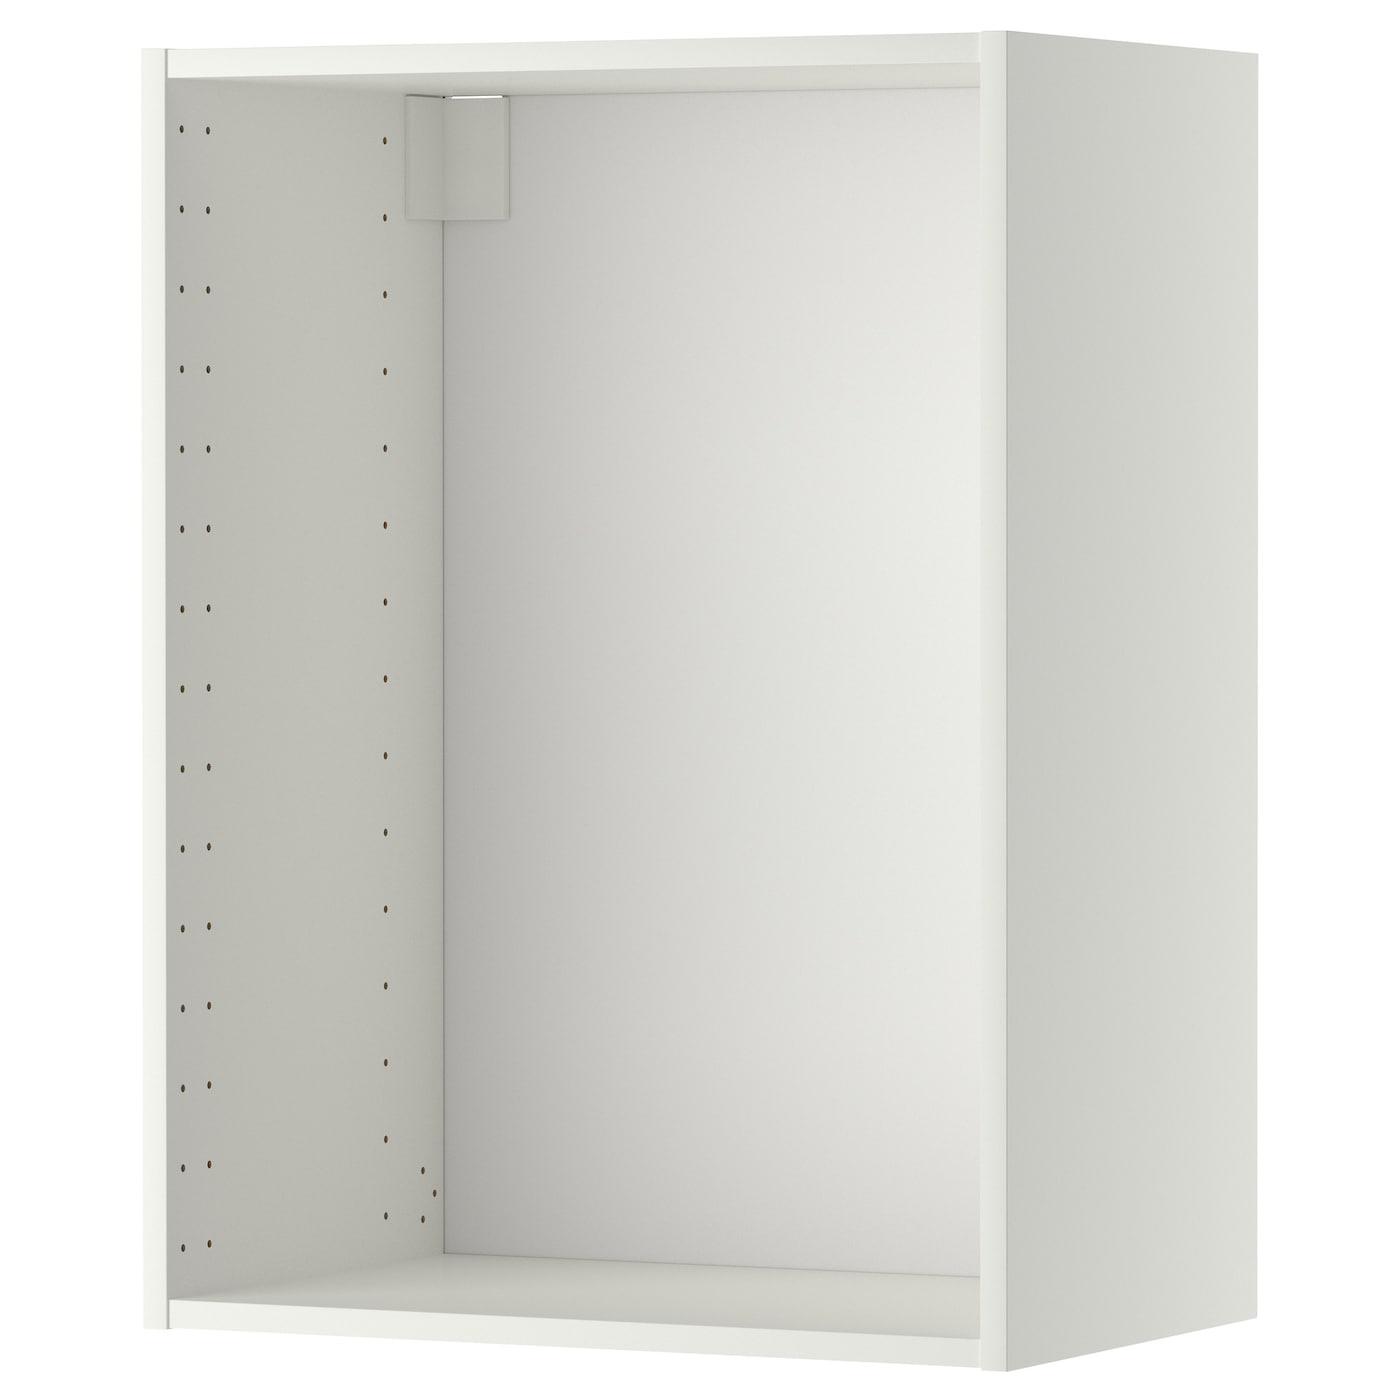 Epaisseur Caisson Cuisine Ikea metod structure élément mural - blanc 60x37x80 cm